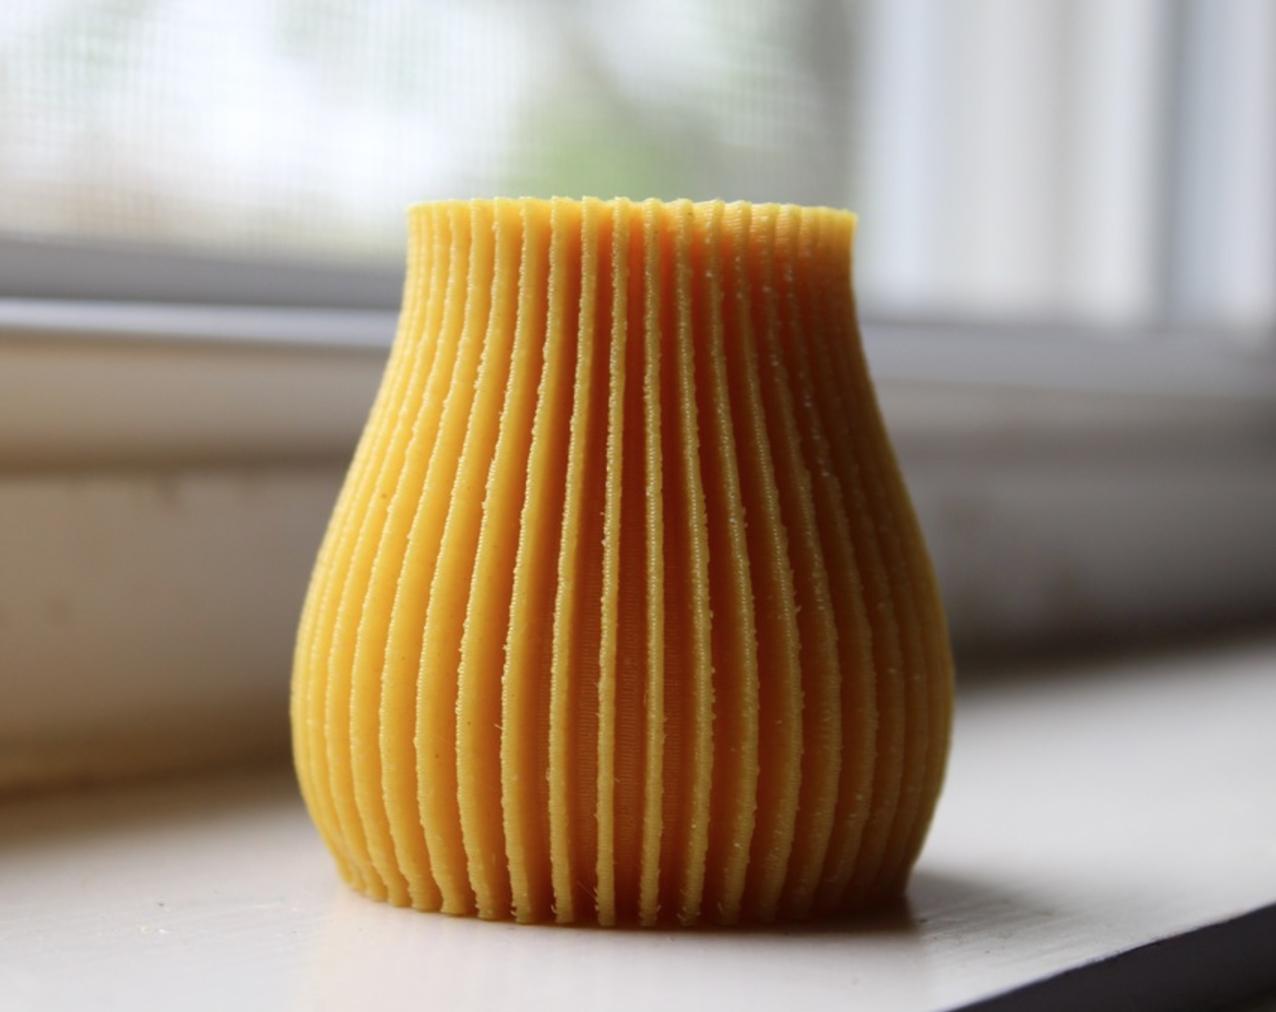 Capture d'écran 2017-05-31 à 19.27.01.png Download STL file Linear Abstract Vase • 3D printer design, 3DPrintingGurus